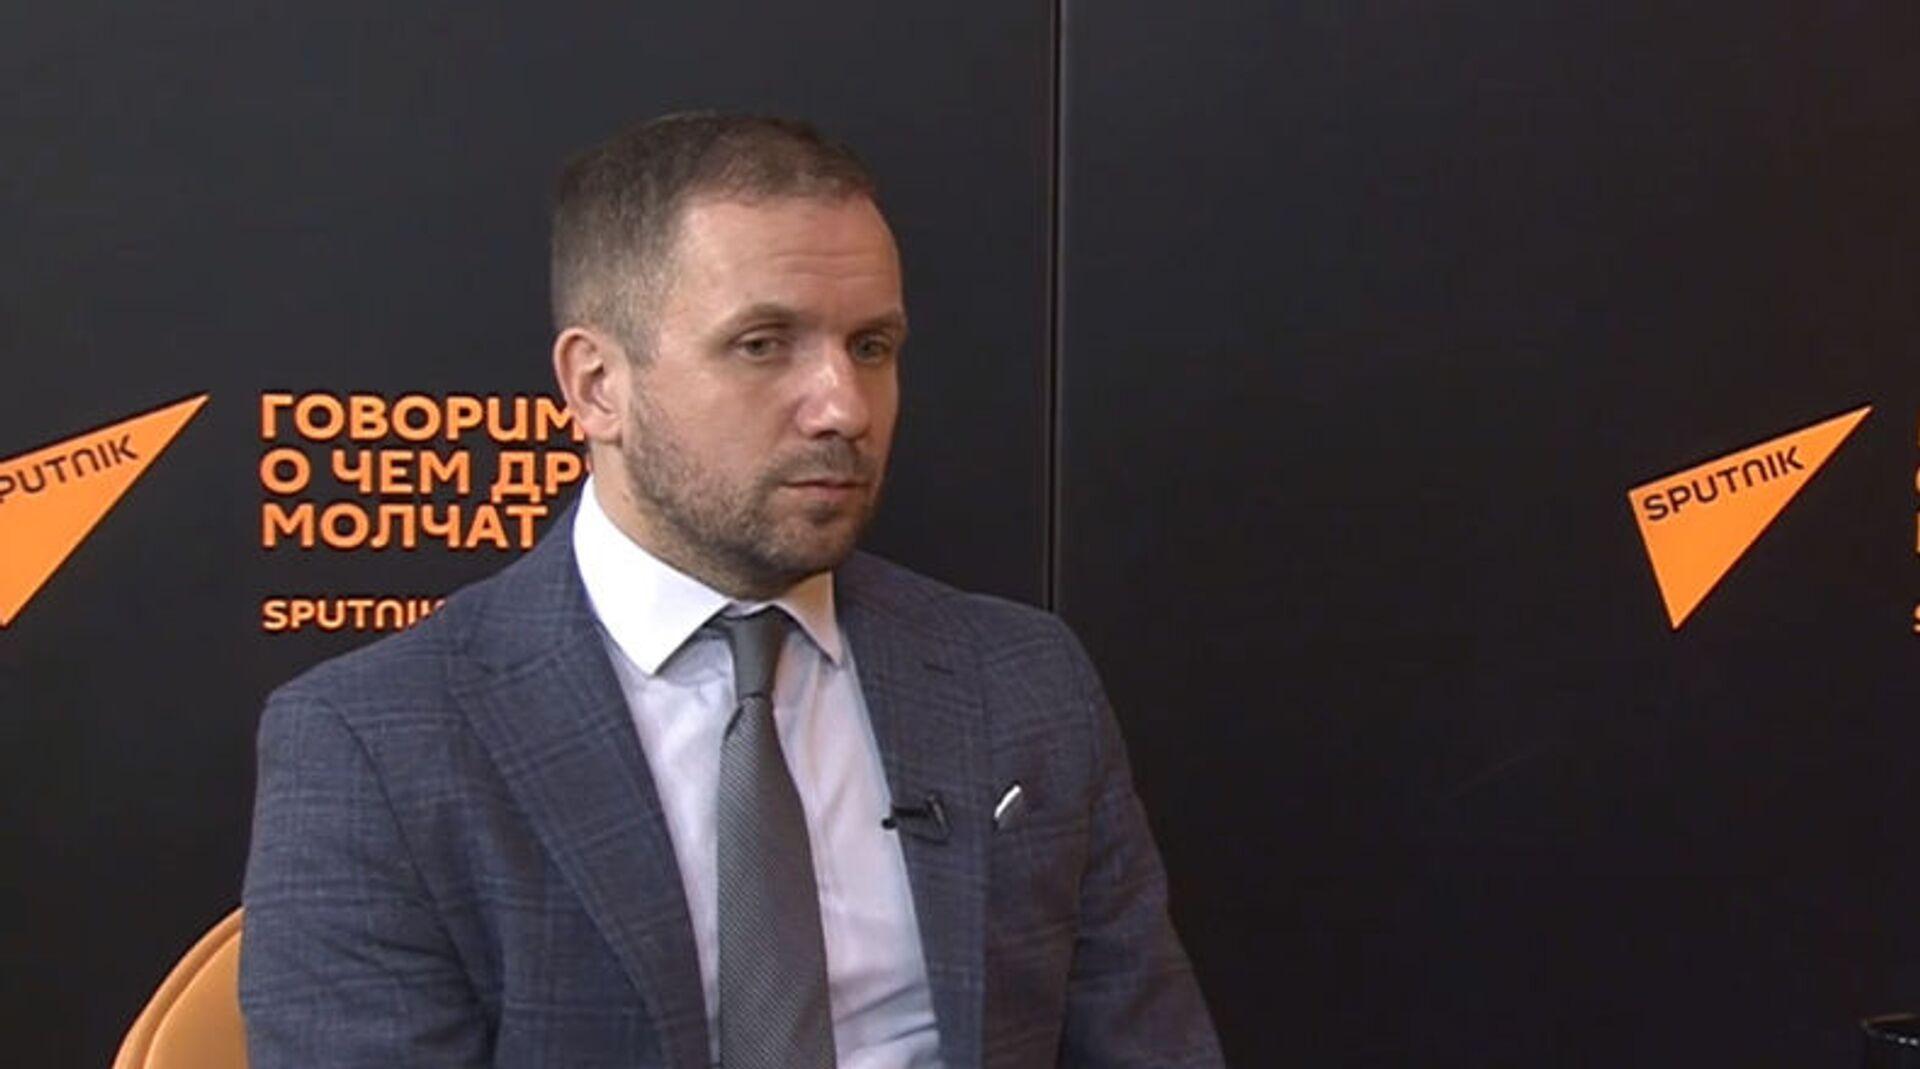 Интервью со Станиславом Притчиным  - Sputnik Азербайджан, 1920, 20.04.2021